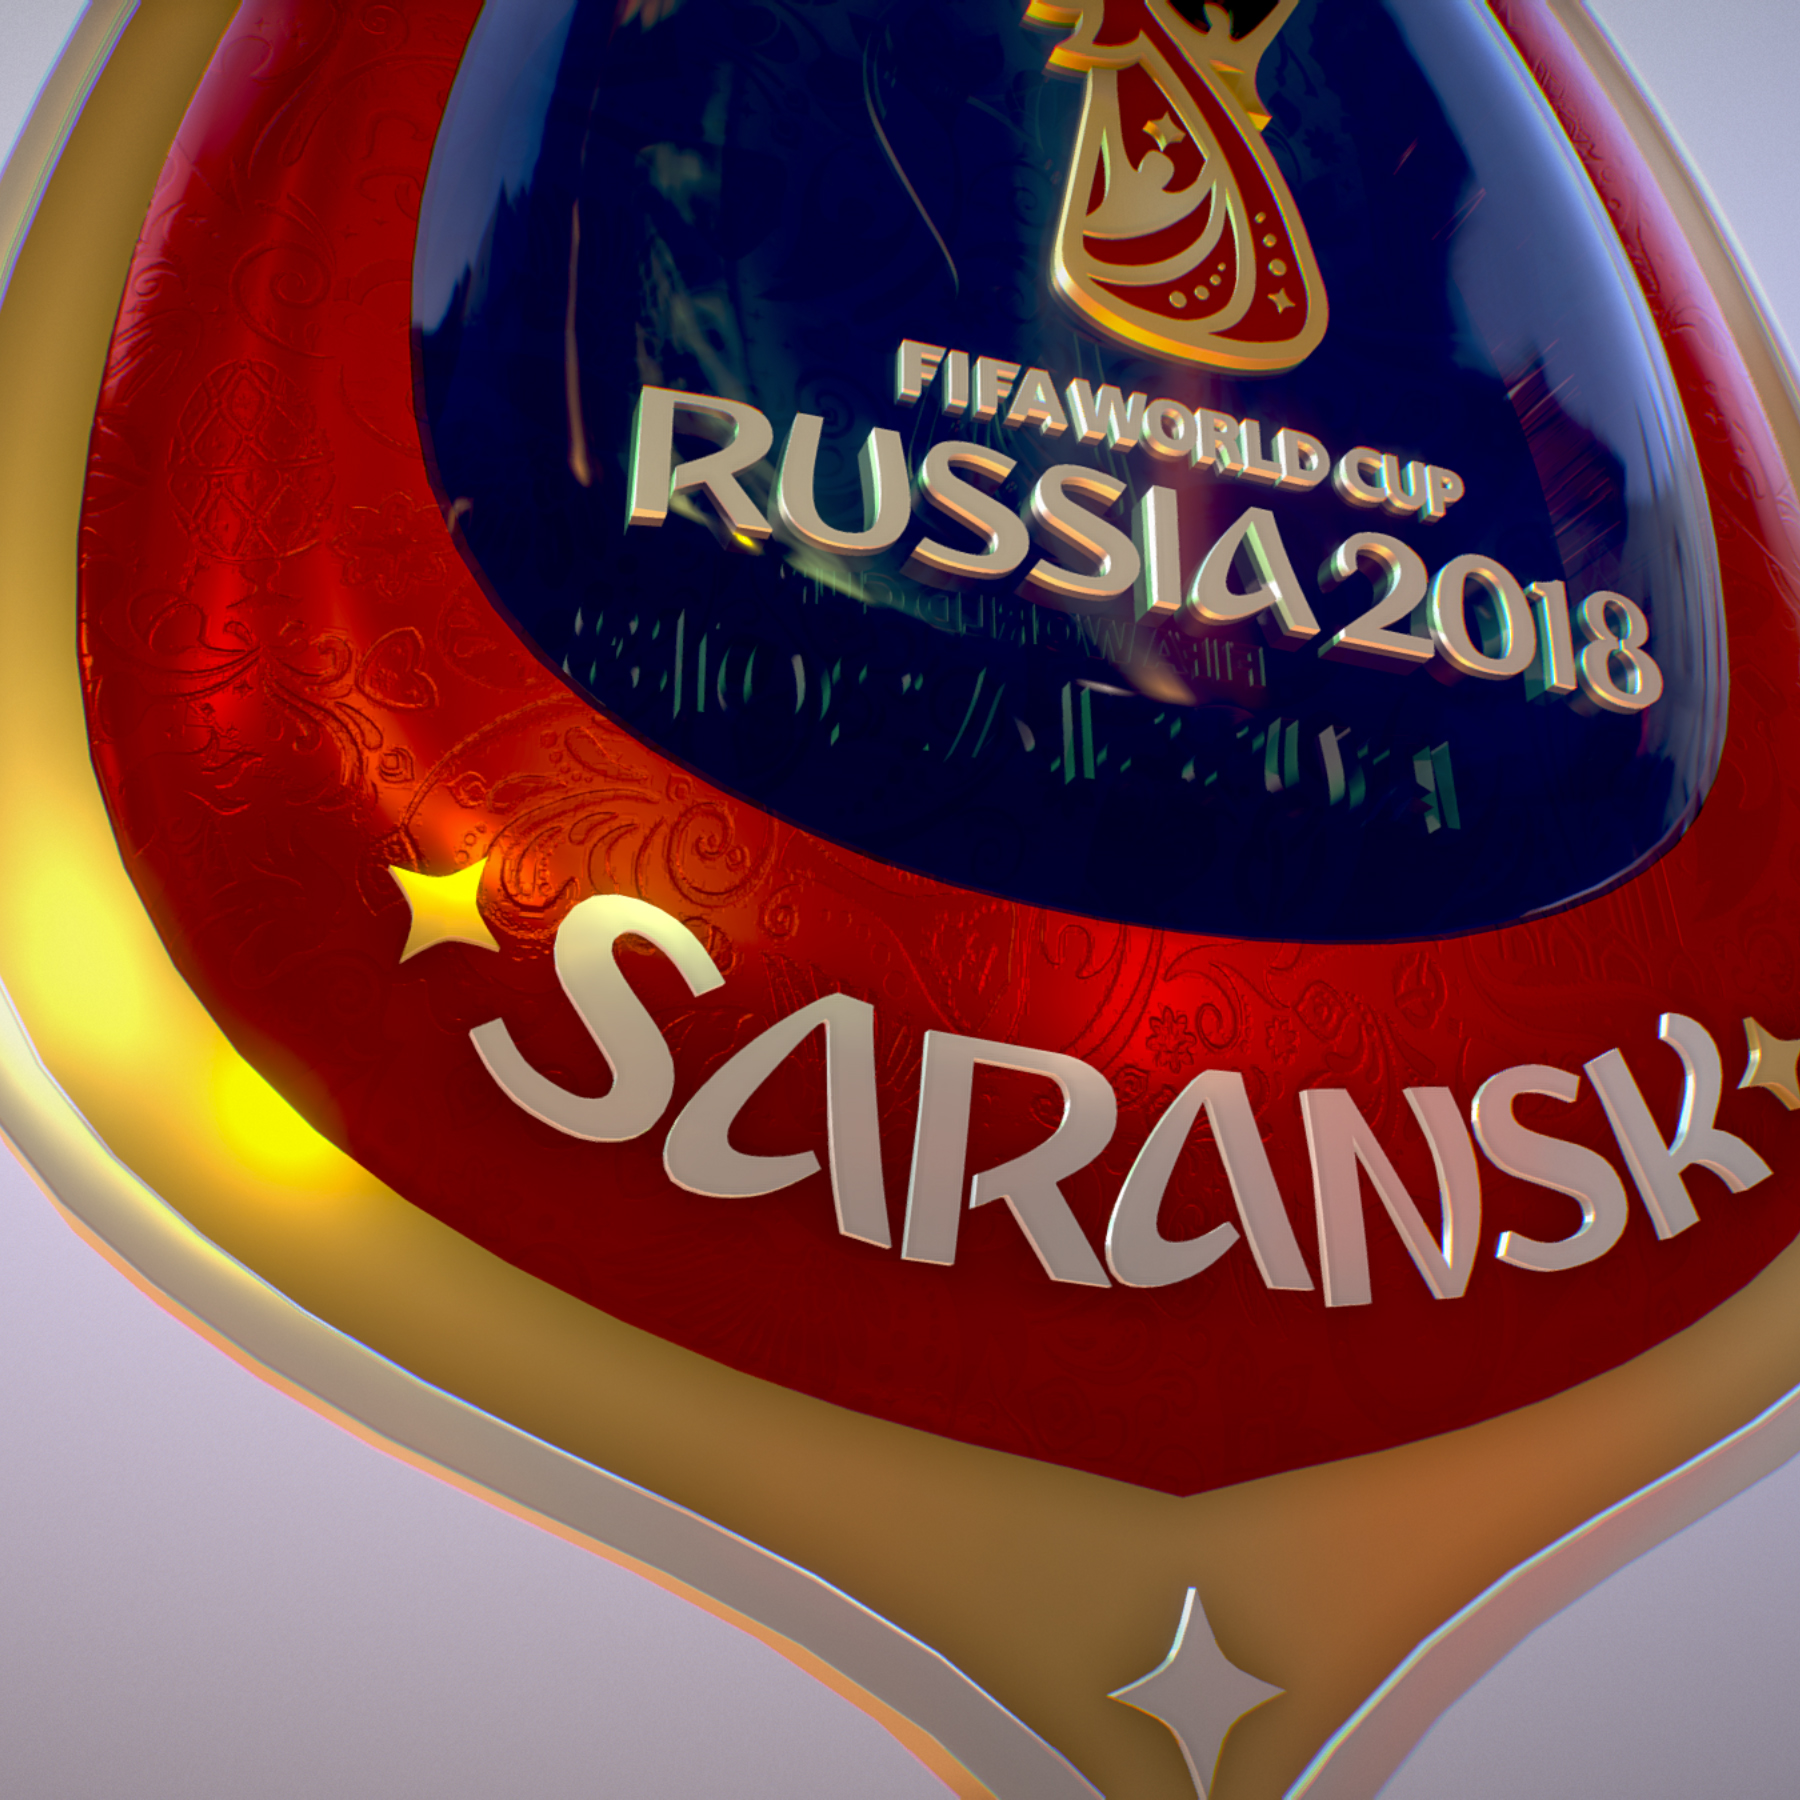 saransk domaćin grad svjetski kup rusija 2018 simbol 3d model max fbx cob jpeg jpg ma mb obj 271849